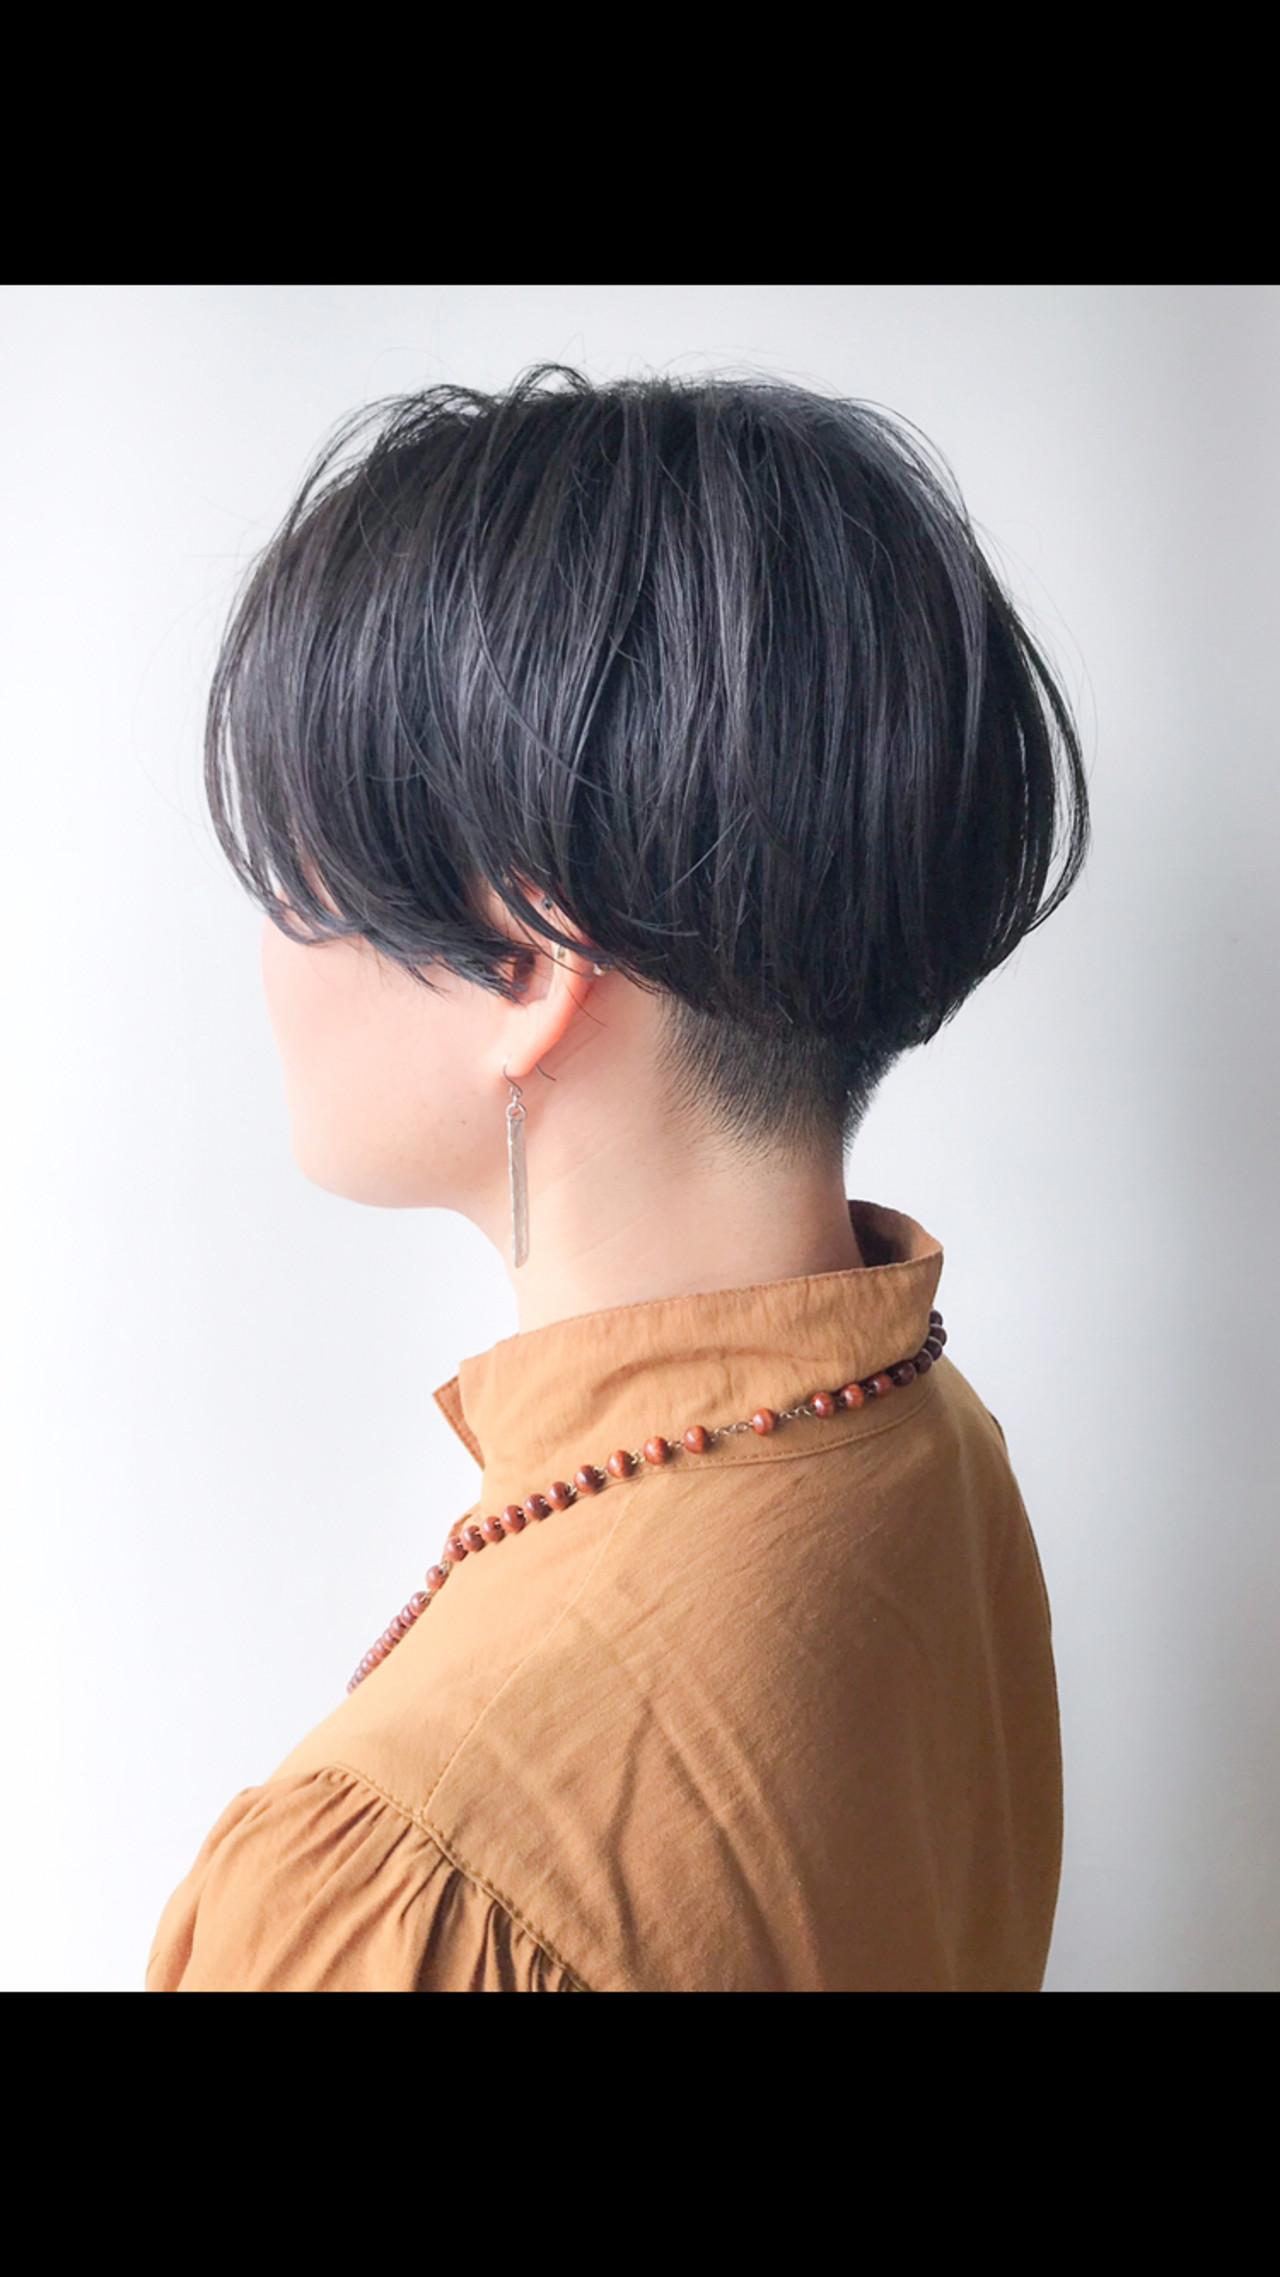 刈り上げショート 刈り上げ ショート モード ヘアスタイルや髪型の写真・画像